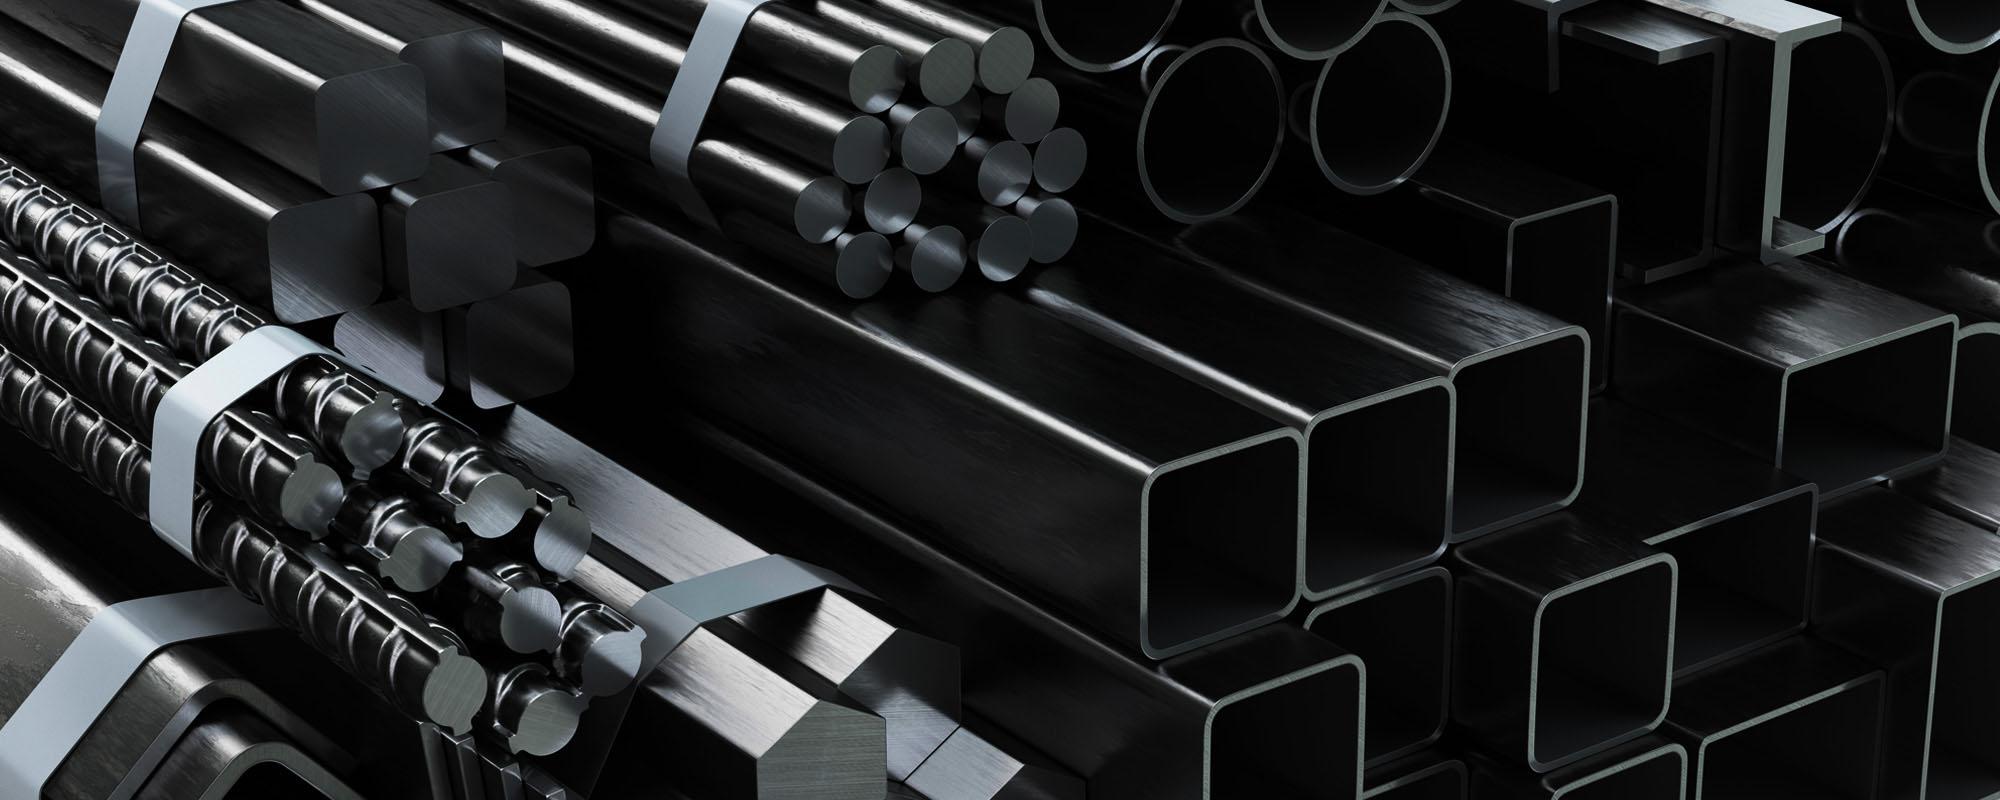 あらゆる鋼材の販売と加工製品の製作